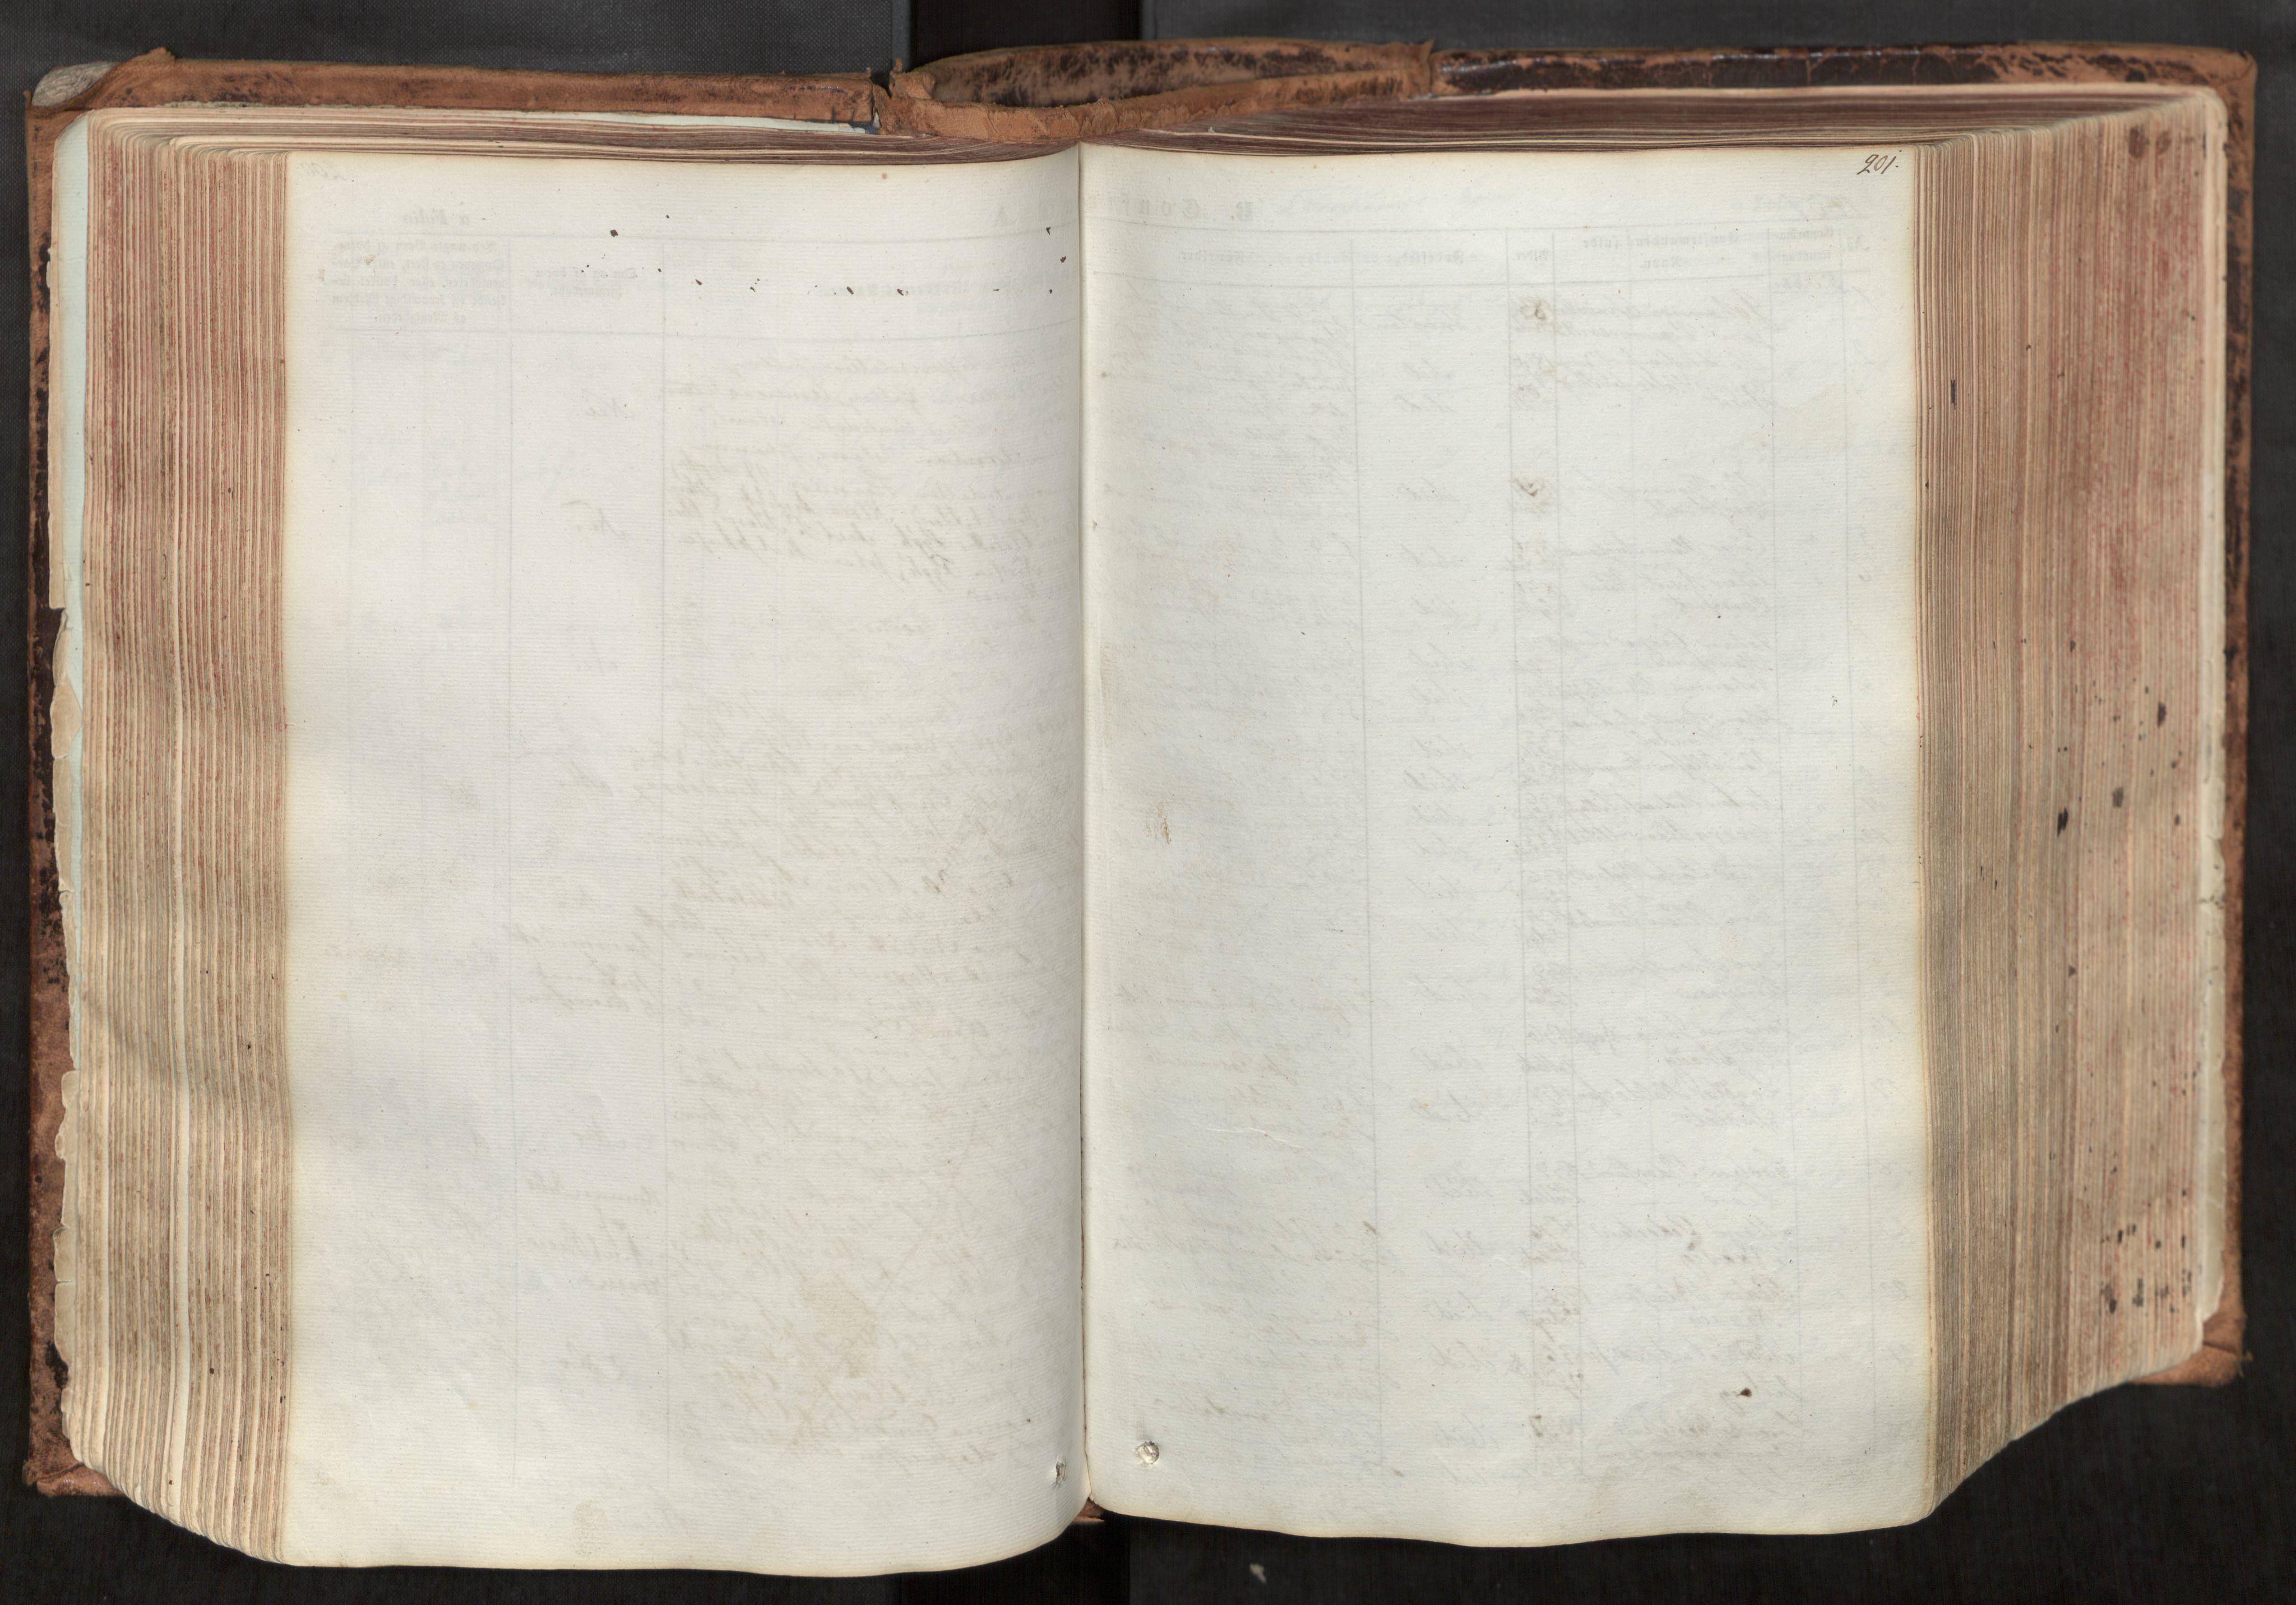 SAT, Ministerialprotokoller, klokkerbøker og fødselsregistre - Nord-Trøndelag, 713/L0116: Ministerialbok nr. 713A07, 1850-1877, s. 201